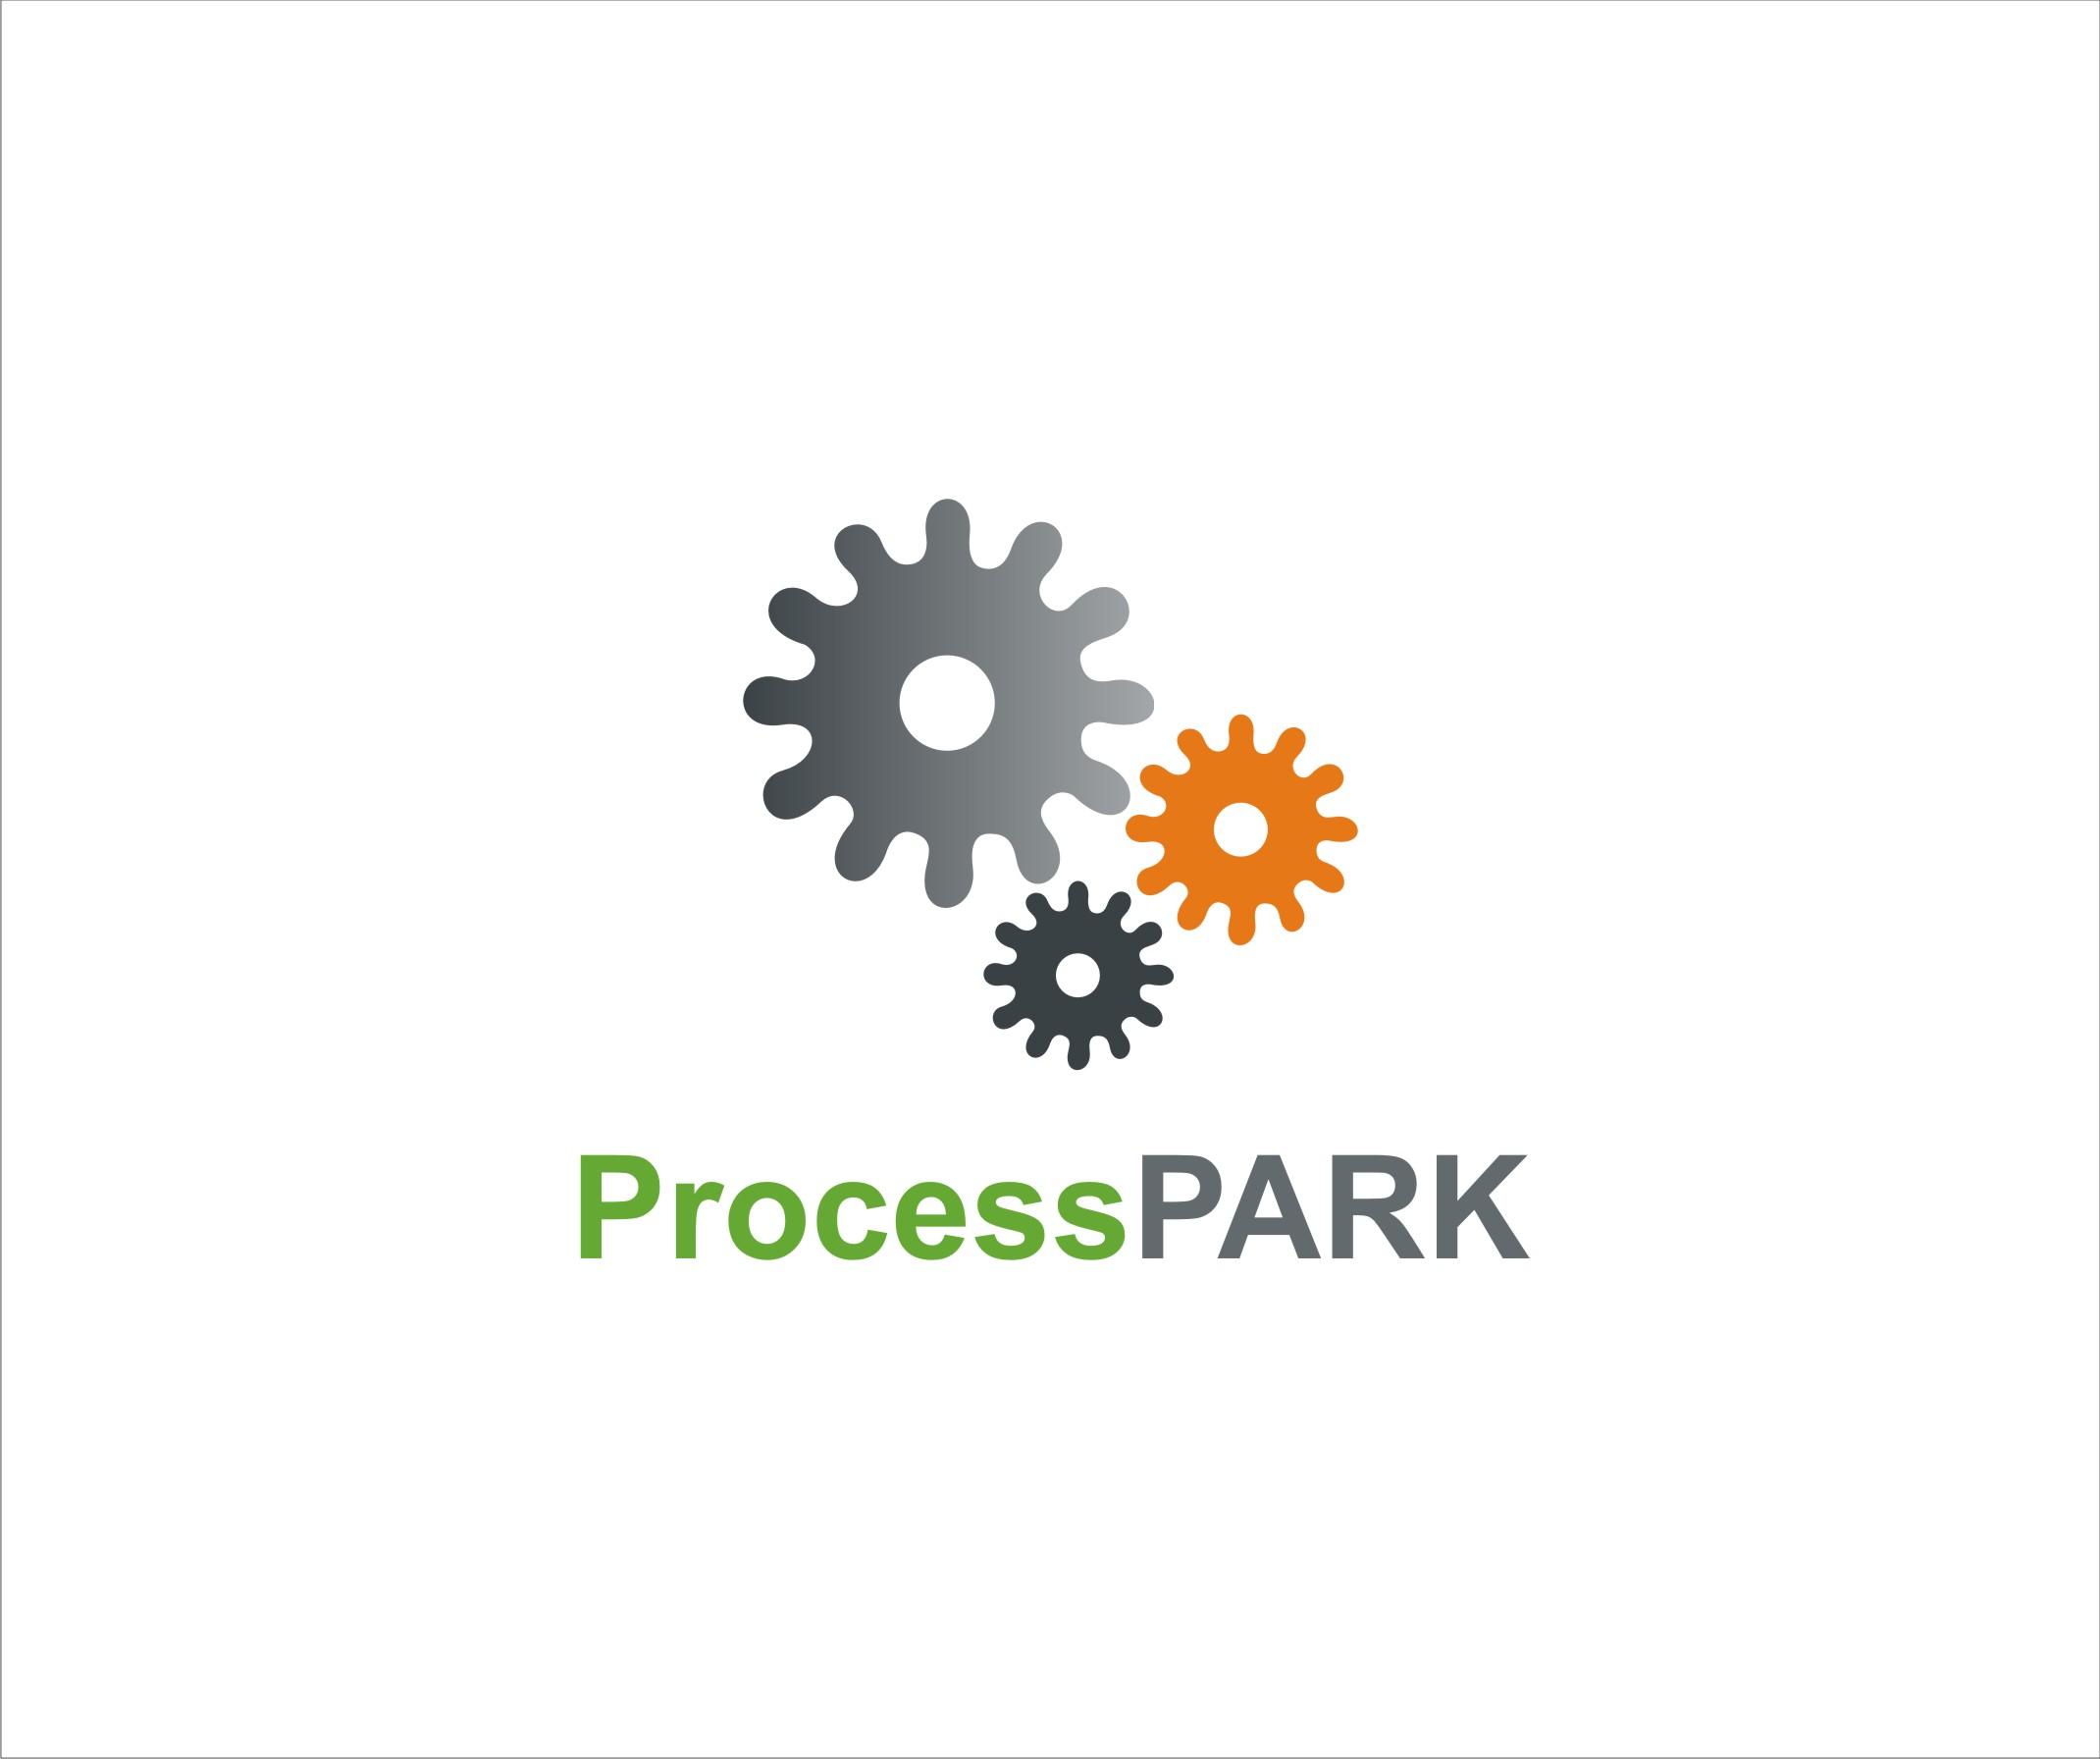 Processpark Egitim ve Danismanlik Ltd. Sti.